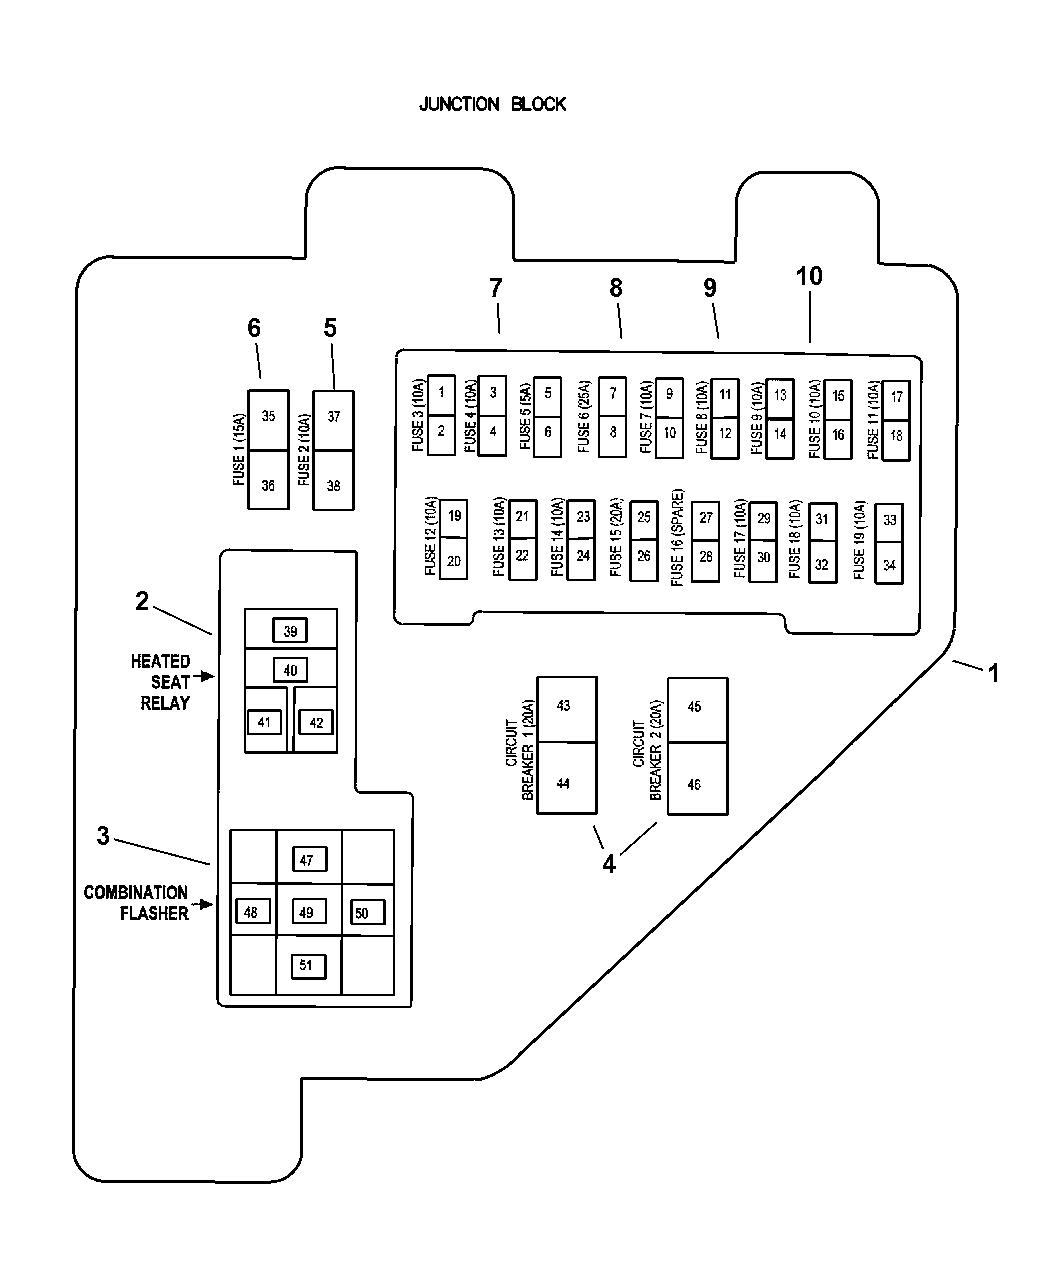 1999 dodge ram 1500 quad & club cab junction block relays & fuses 1998 dodge ram fuse diagram 1999 dodge ram 1500 fuse panel diagram #6